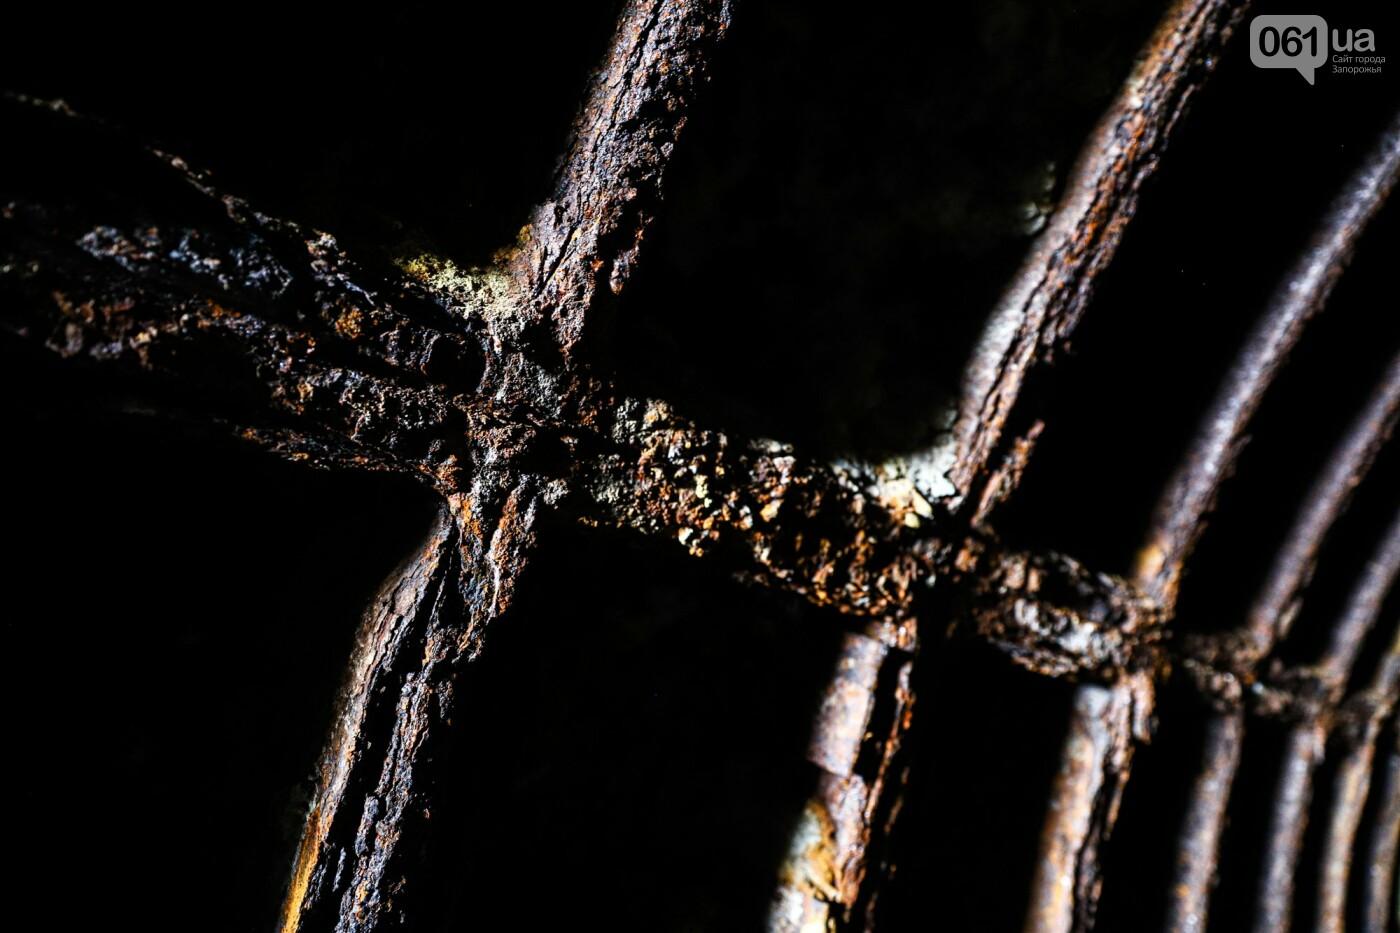 В Степногорске пытаются разобрать на металлолом шахту - промплощадка ГОКа превратилась в руины, - ФОТОРЕПОРТАЖ , фото-7